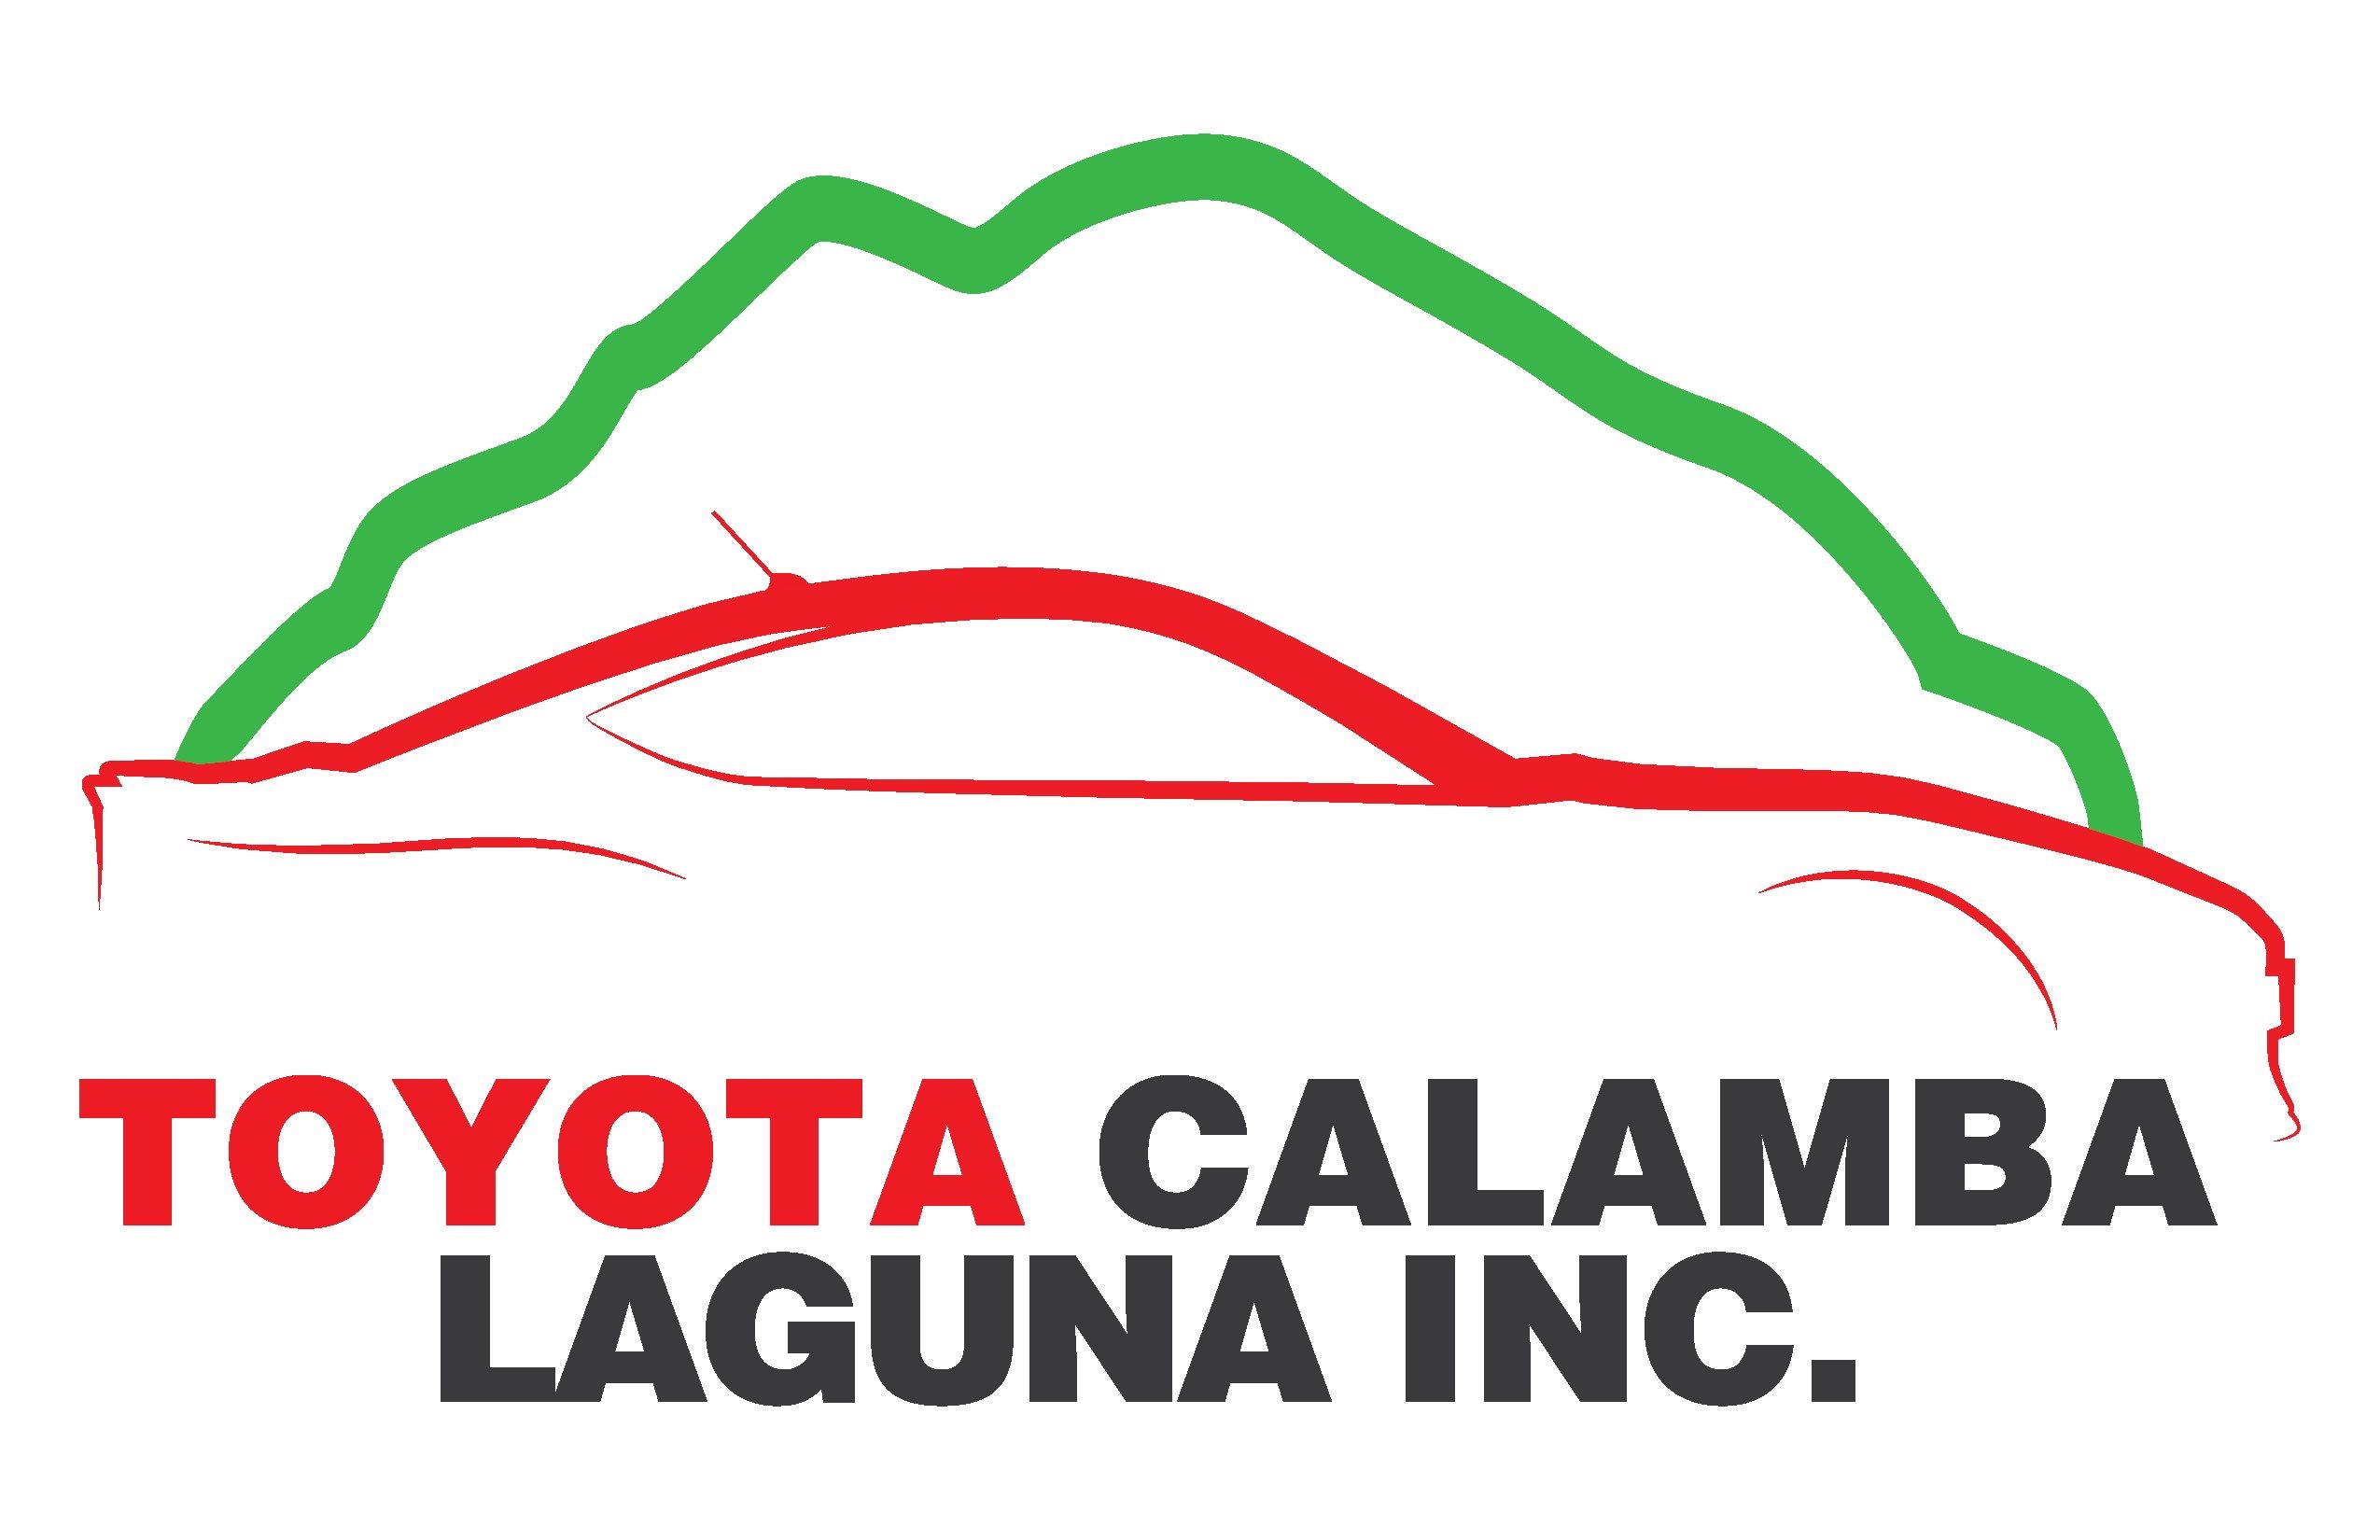 Toyota Calamba Laguna